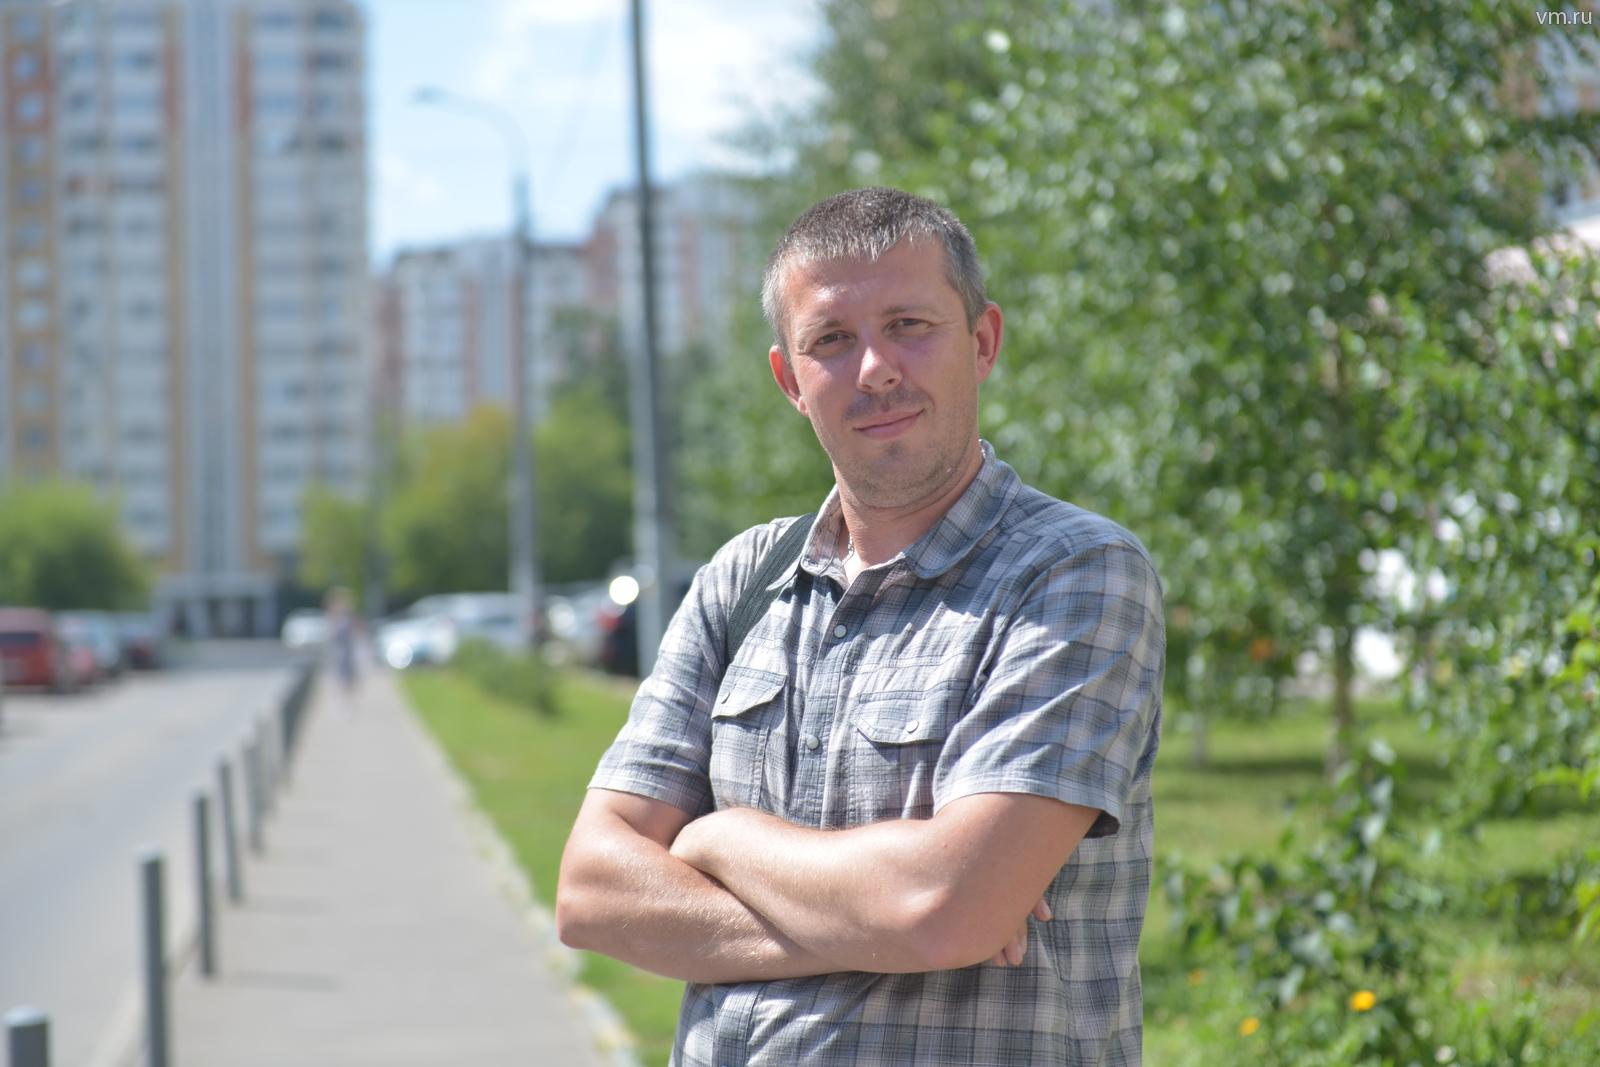 Дмитрий Иванов помог задержанию негодяя и спас бабушку от кражи